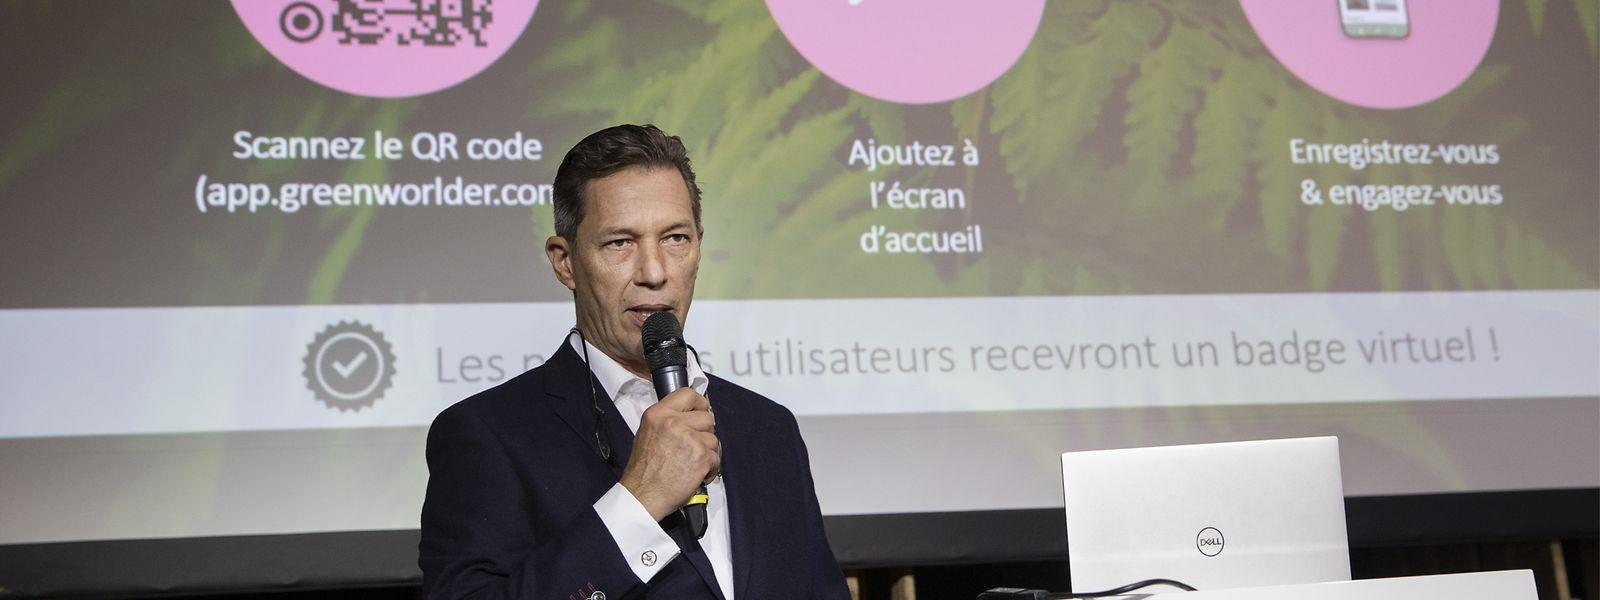 Xavier Roth le Gentil stellt dem Publikum seine innovative Geschäftsidee vor.